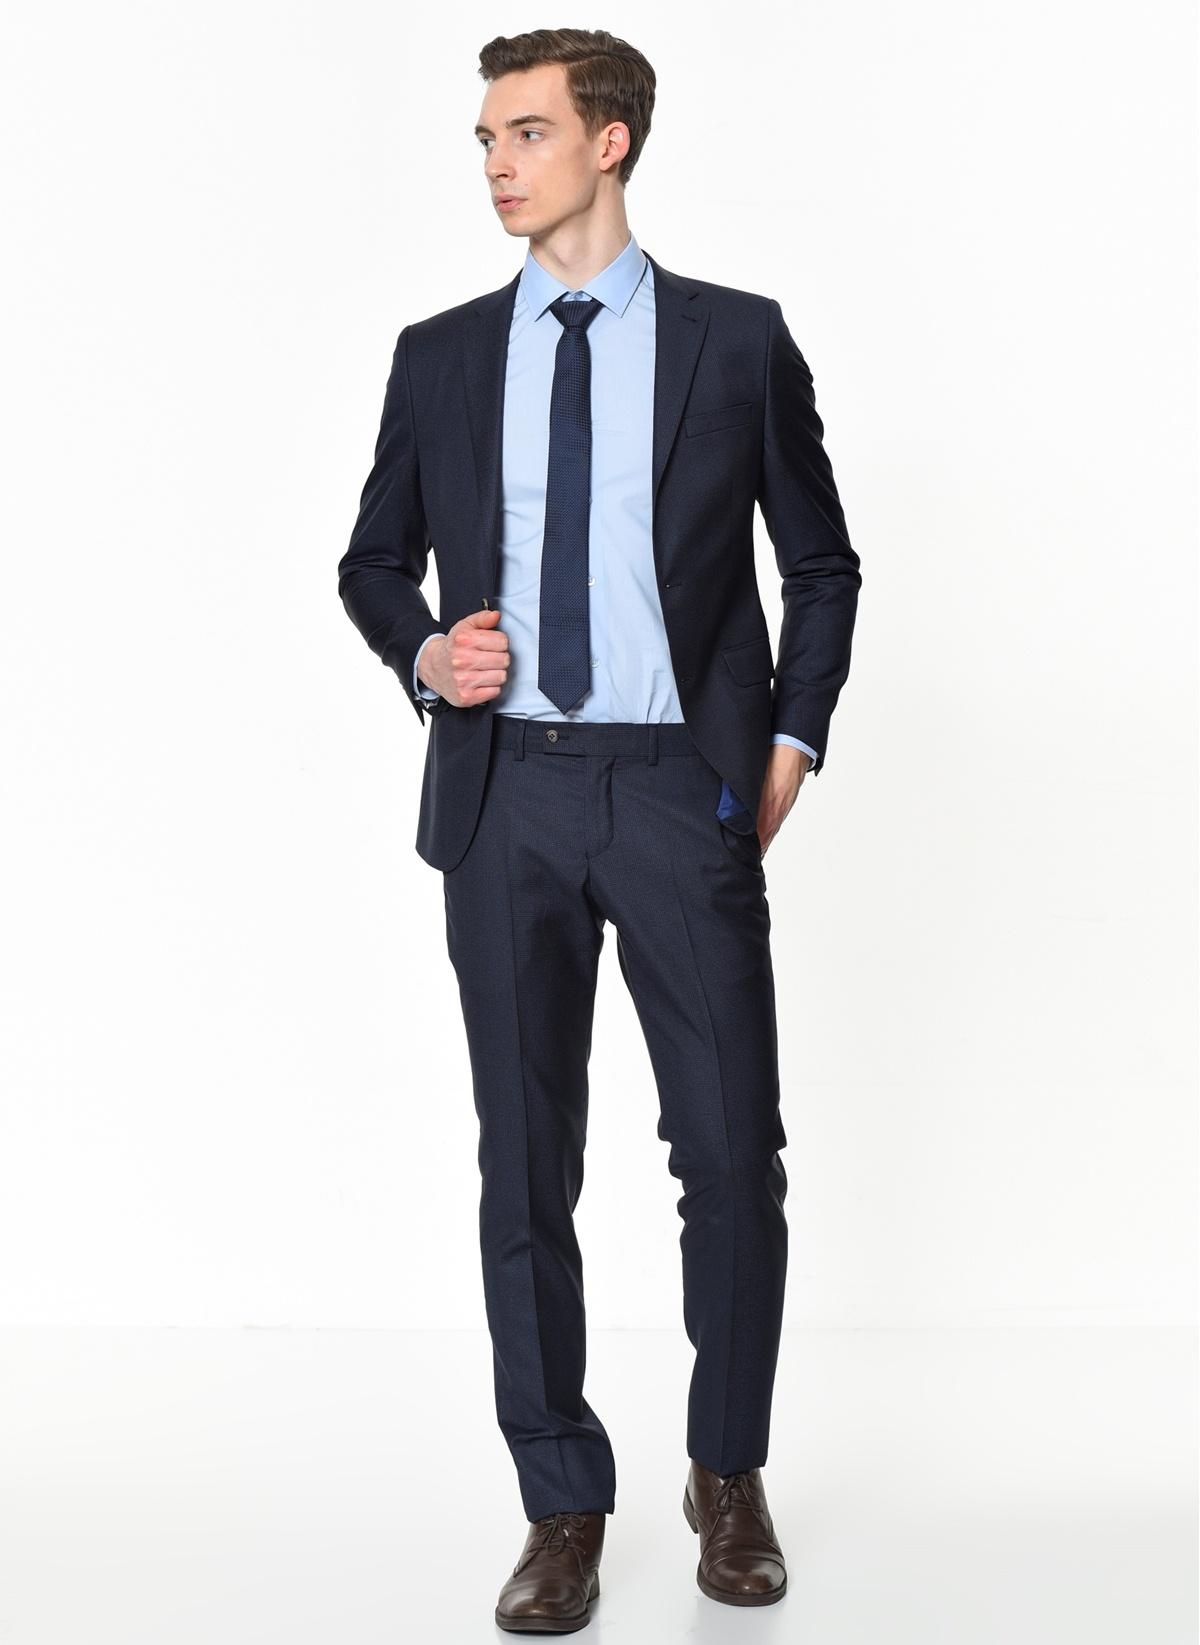 db5560cf2049a Beymen Business Erkek Takım Elbise Lacivert 48-6 Beden 4B3019100063 Ürün  Resmi